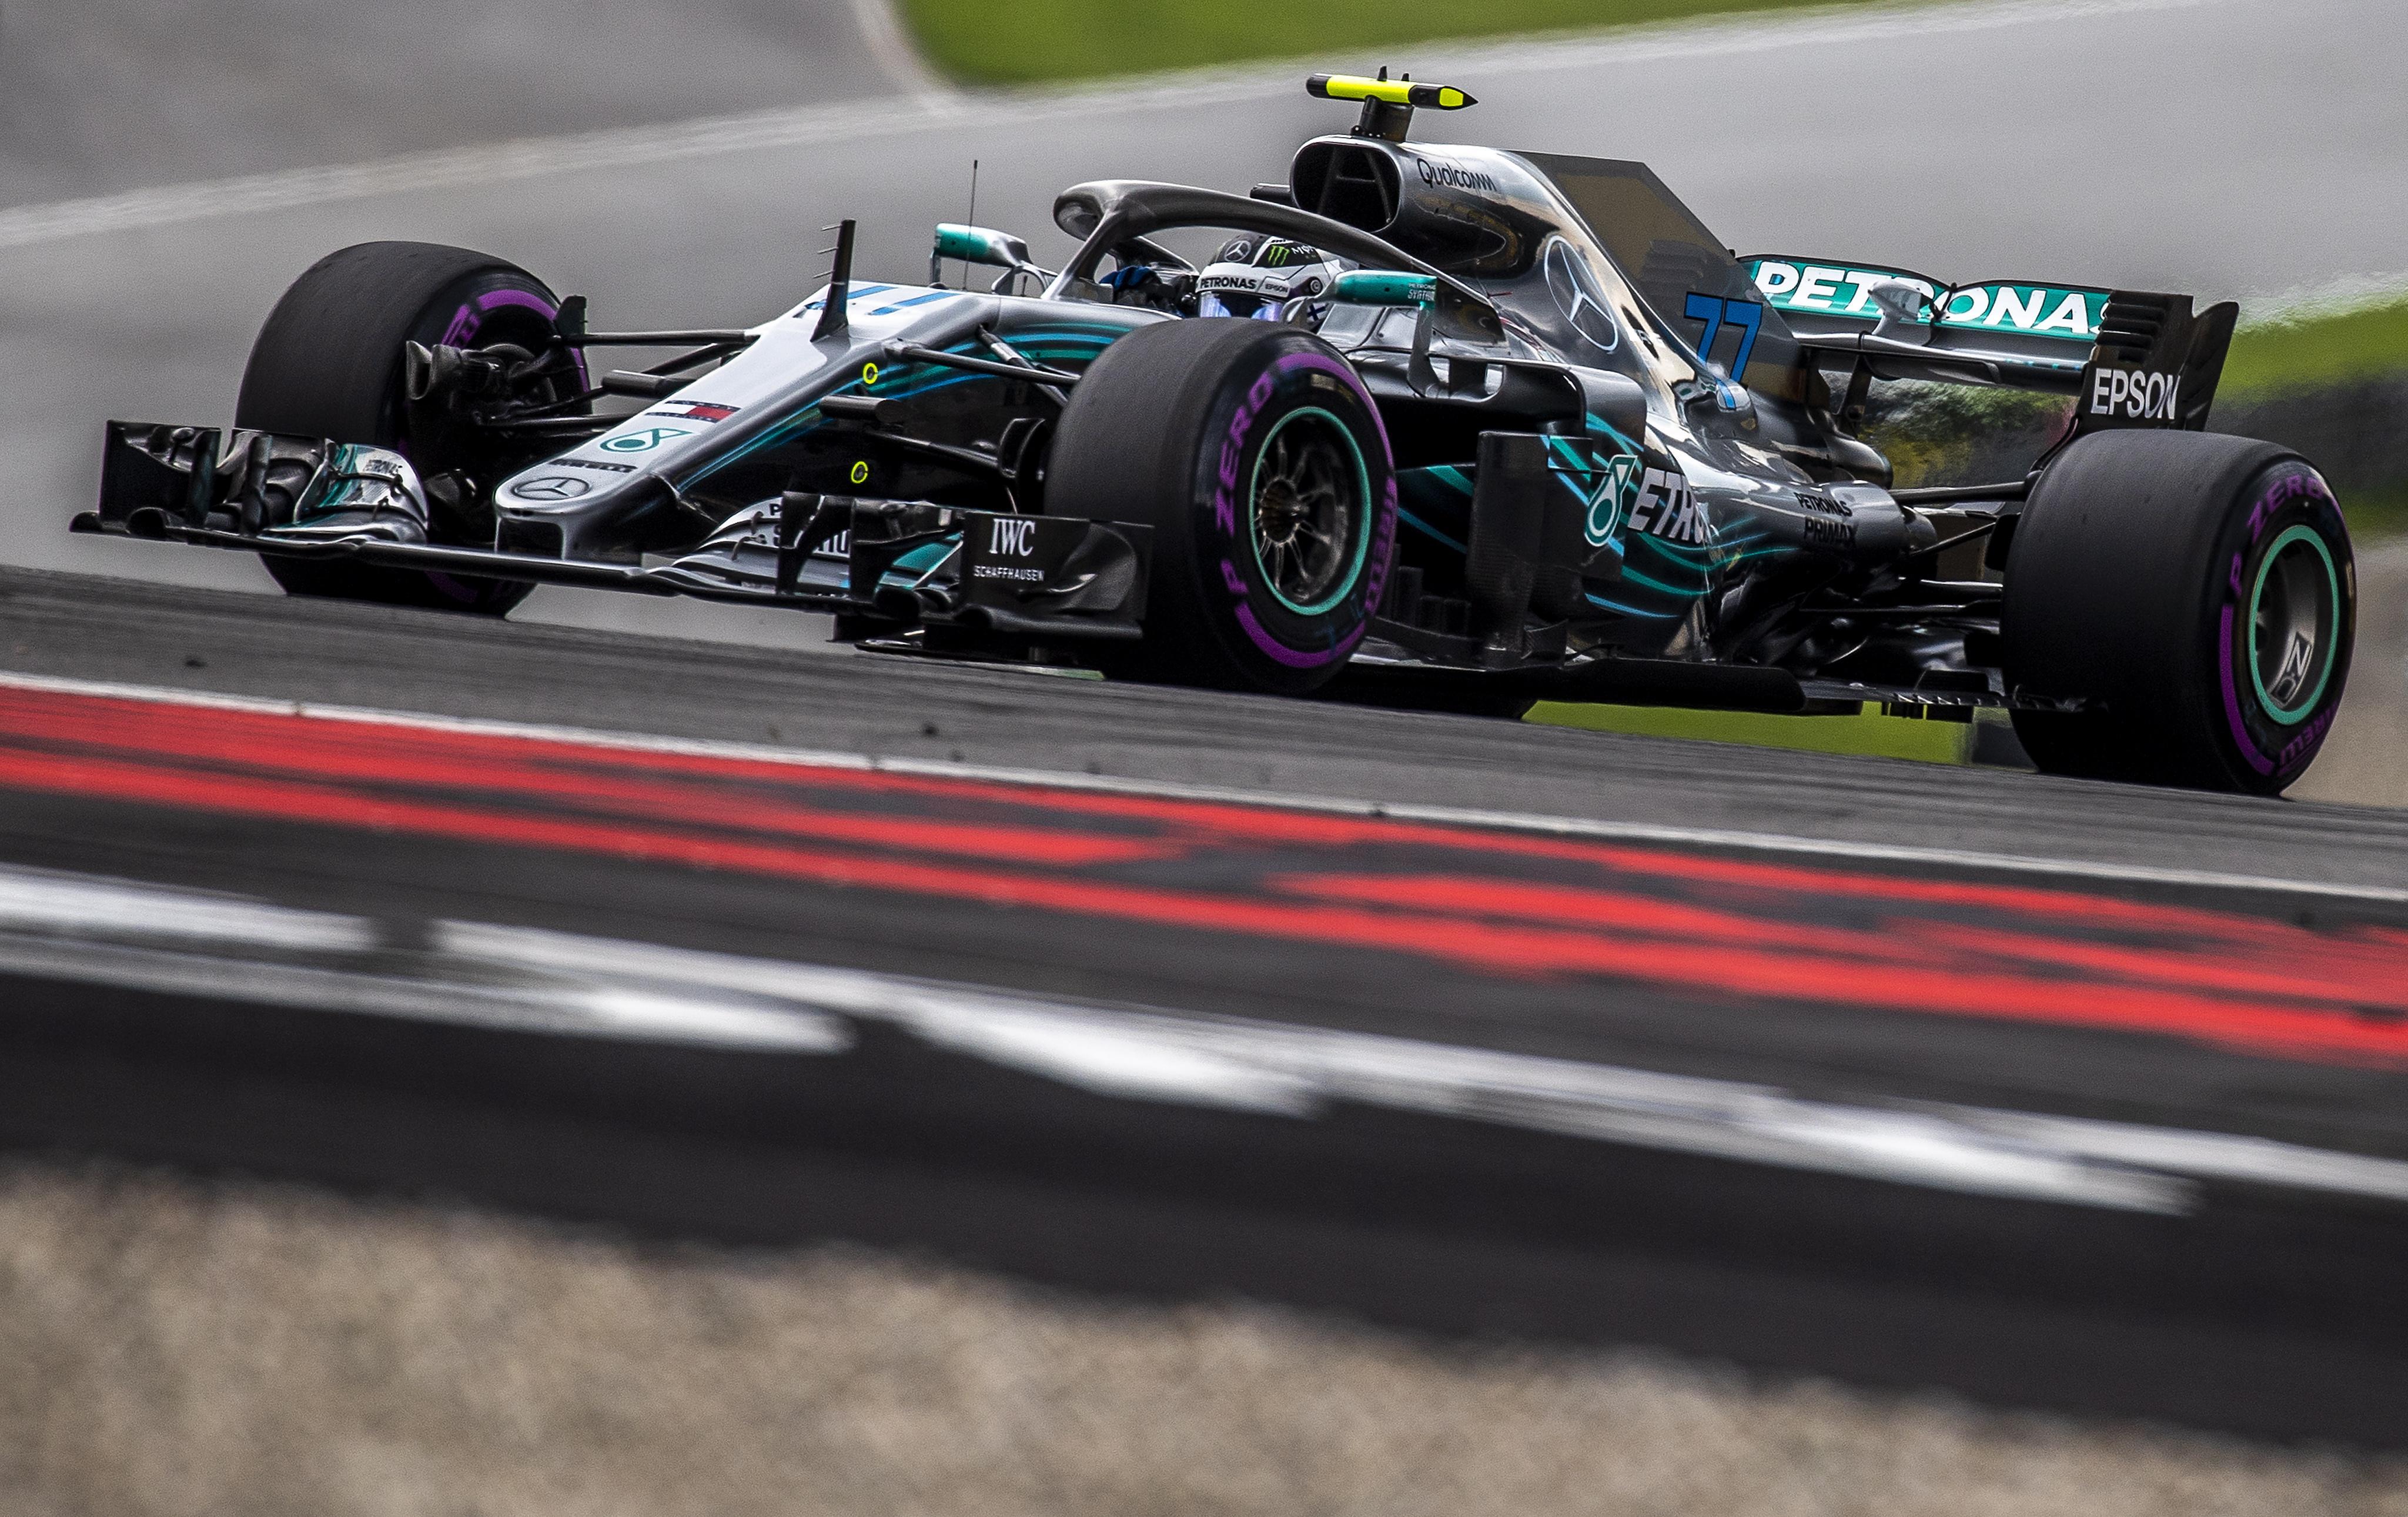 Valtteri Bottas took advantage of Lewis Hamilton's mistake to take top spot